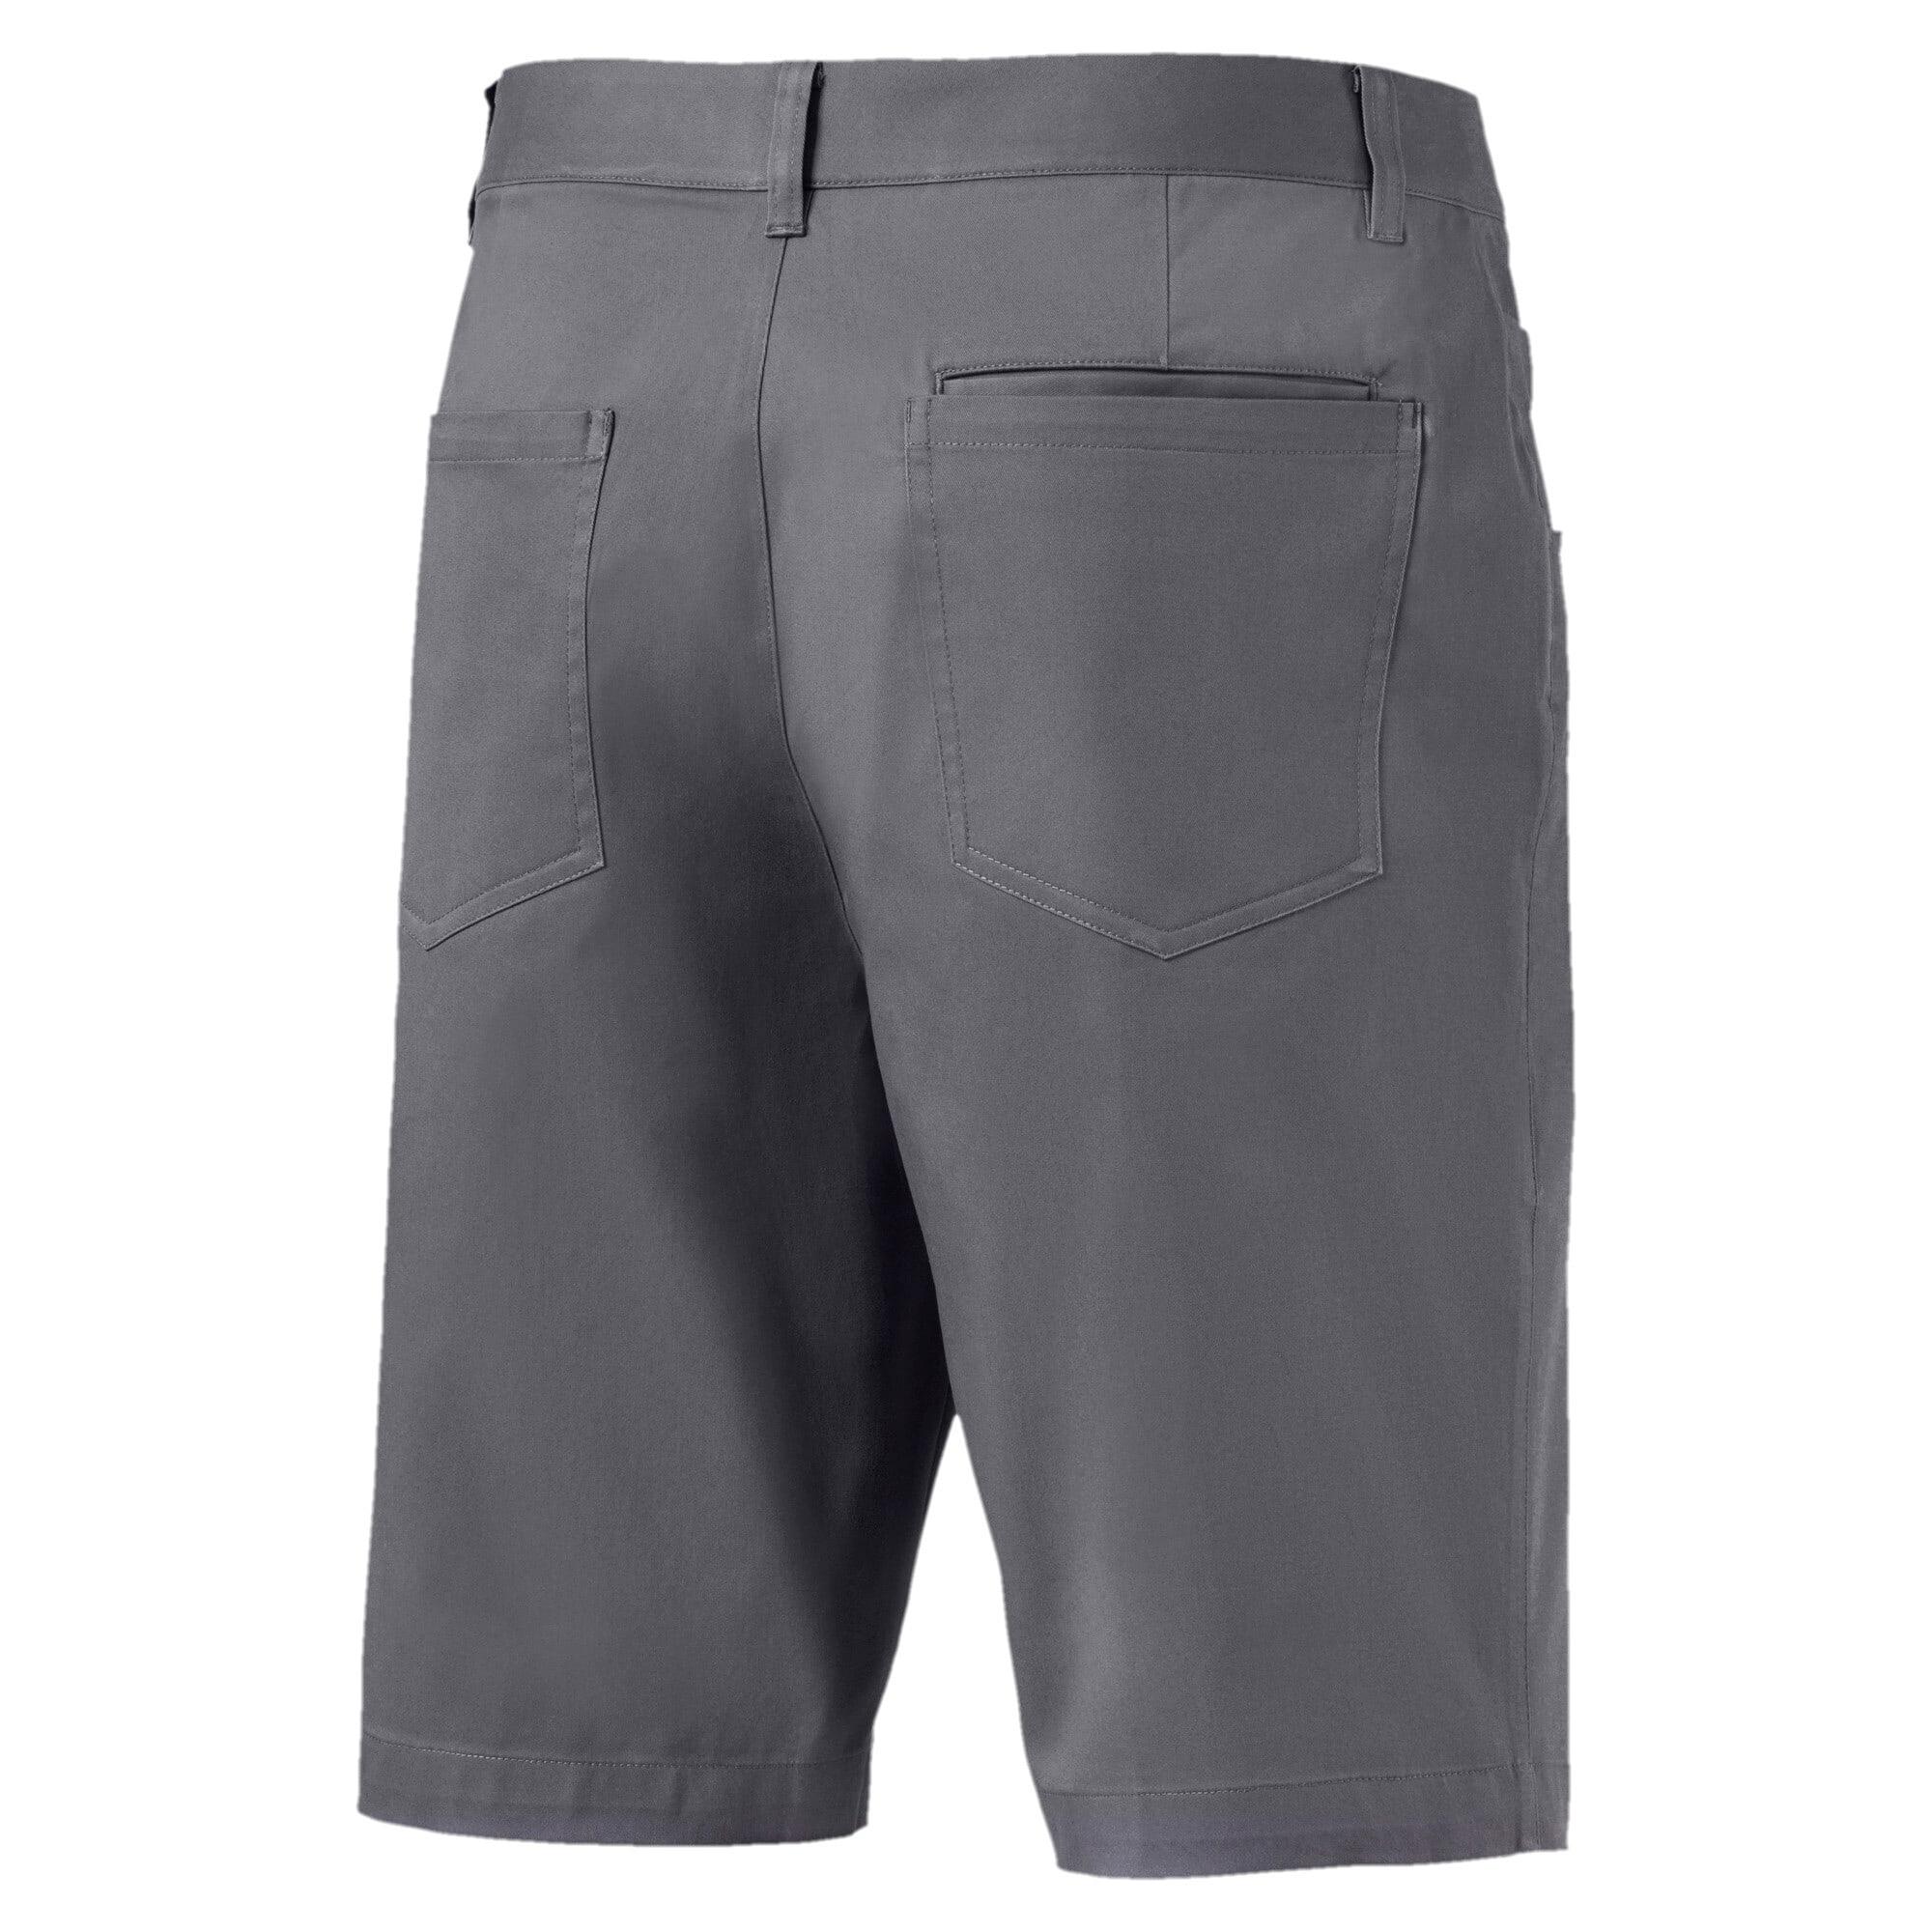 Thumbnail 2 of Tailored 6 Pocket Men's Short, QUIET SHADE, medium-IND